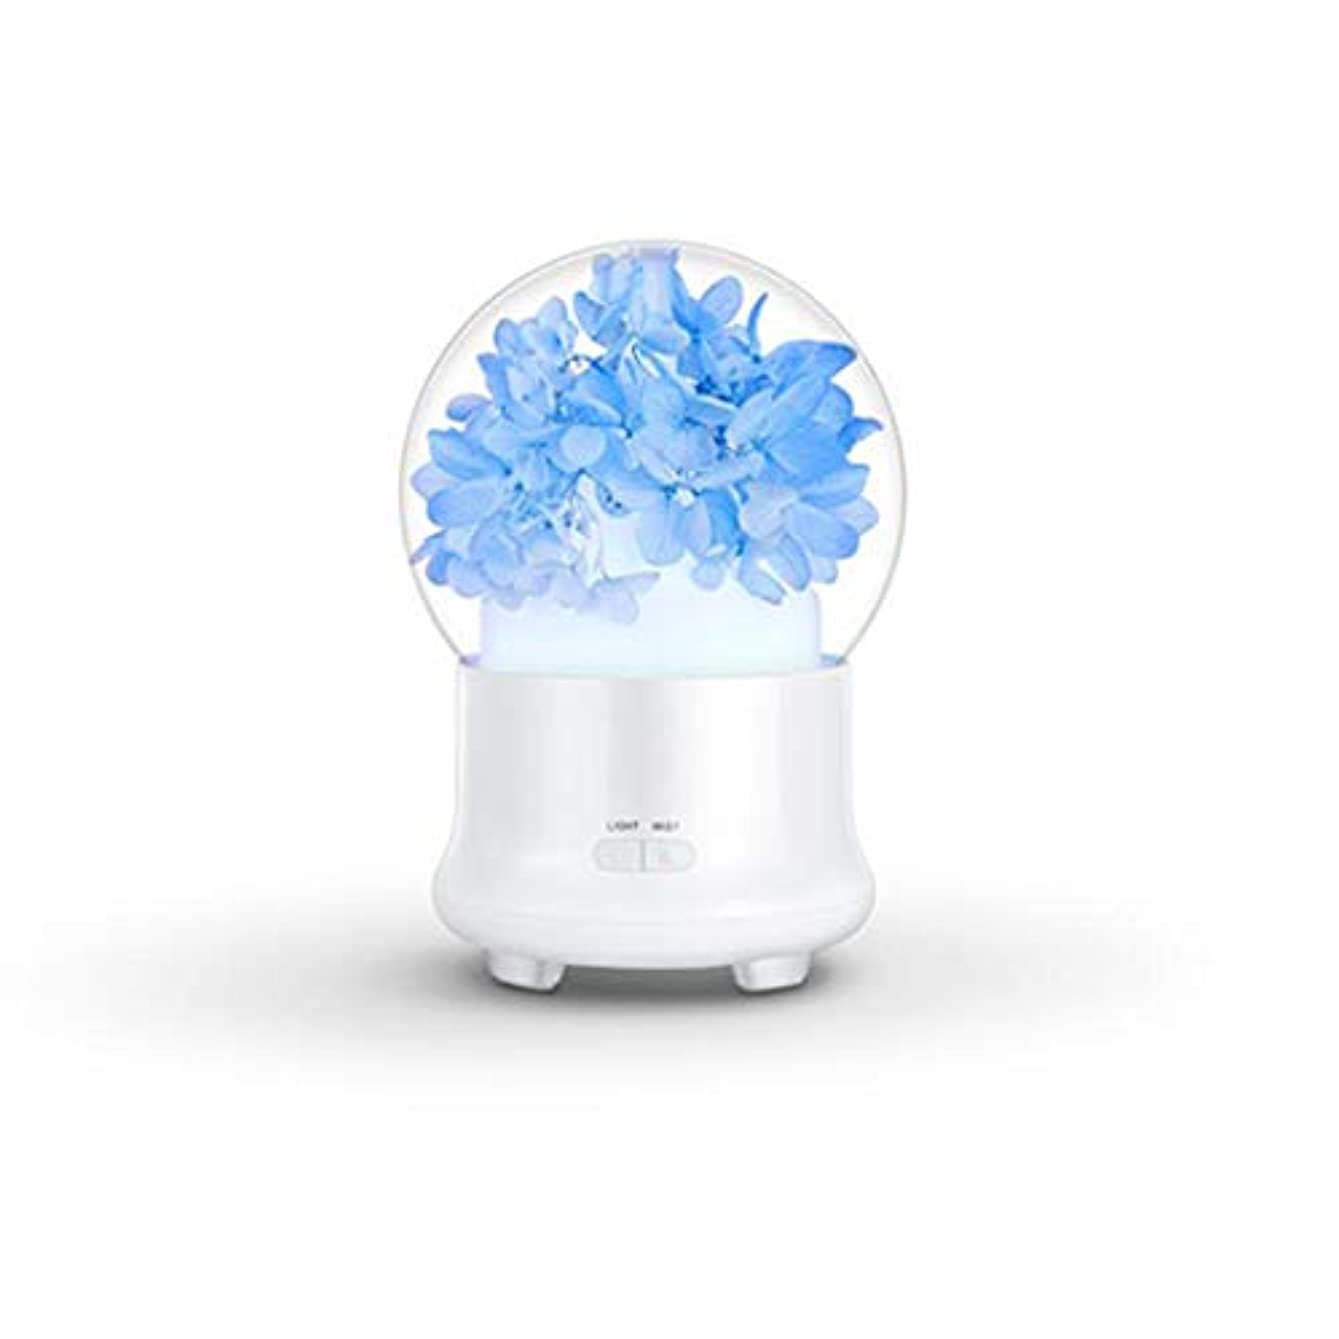 傷跡カップル等価ACHICOO アロマディフューザー 加湿器 花 電気 カラフル LED ミストフォッガー かわいい 安全 24V 12 x 12 x 16.8cm ブルー